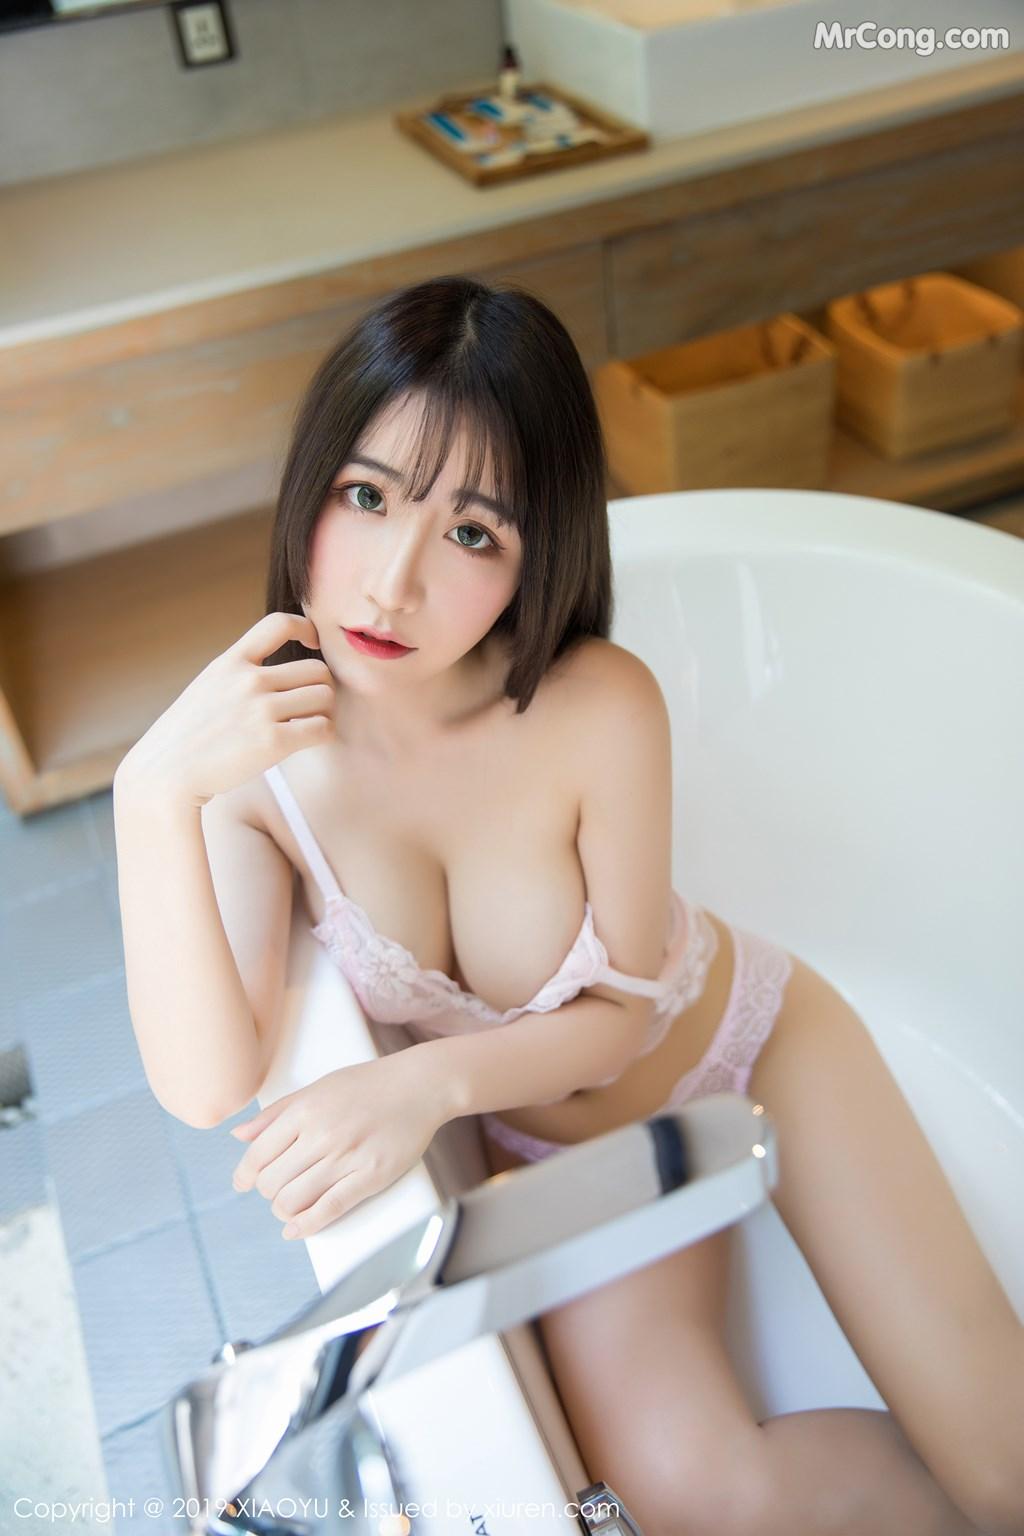 Image XiaoYu-Vol.147-Cherry-MrCong.com-046 in post XiaoYu Vol.147: 绯月樱-Cherry (66 ảnh)